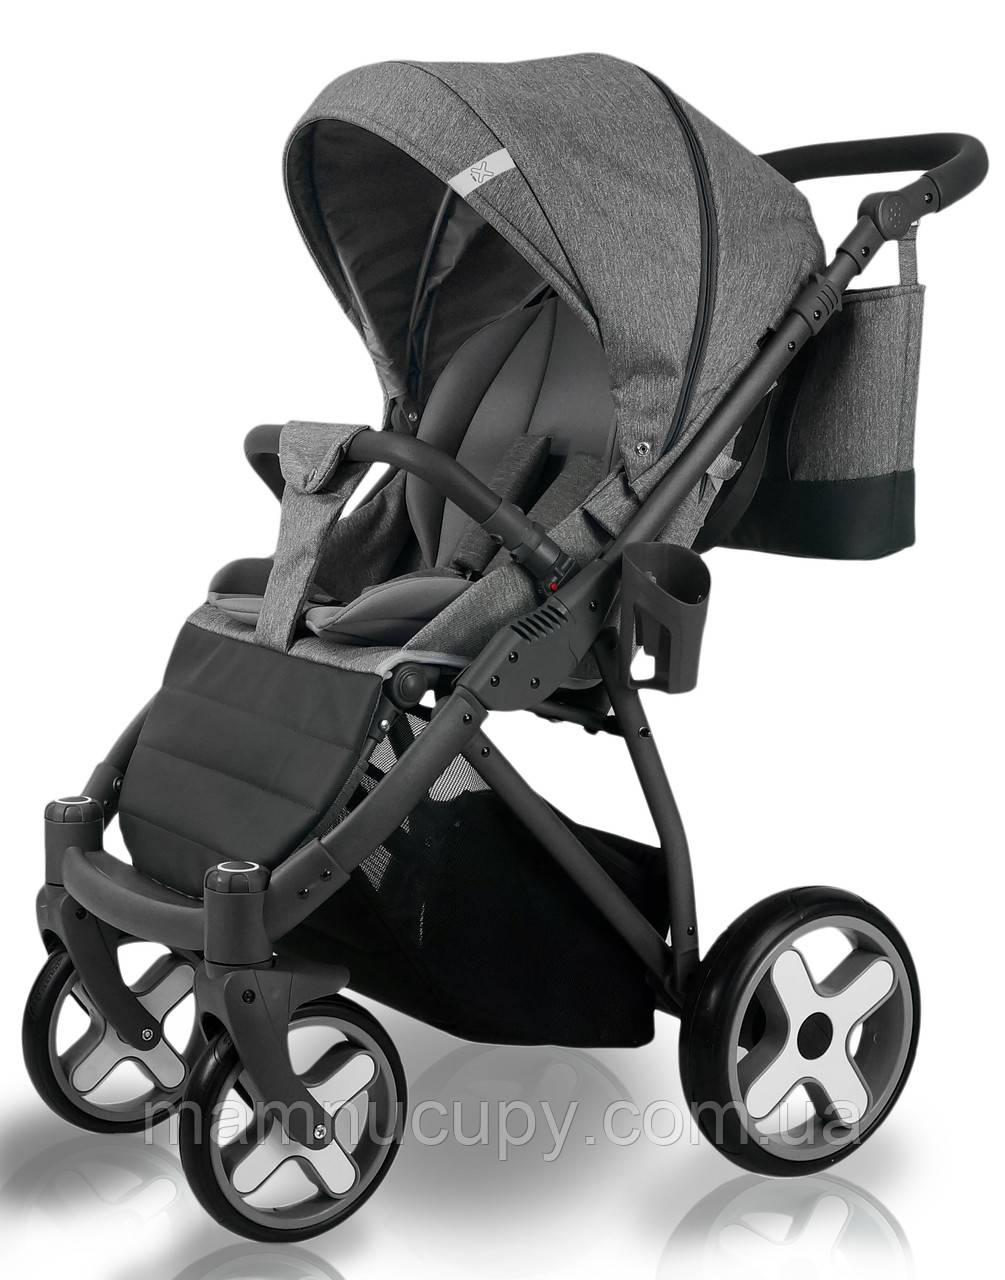 Детская прогулочная коляска Bexa IX2